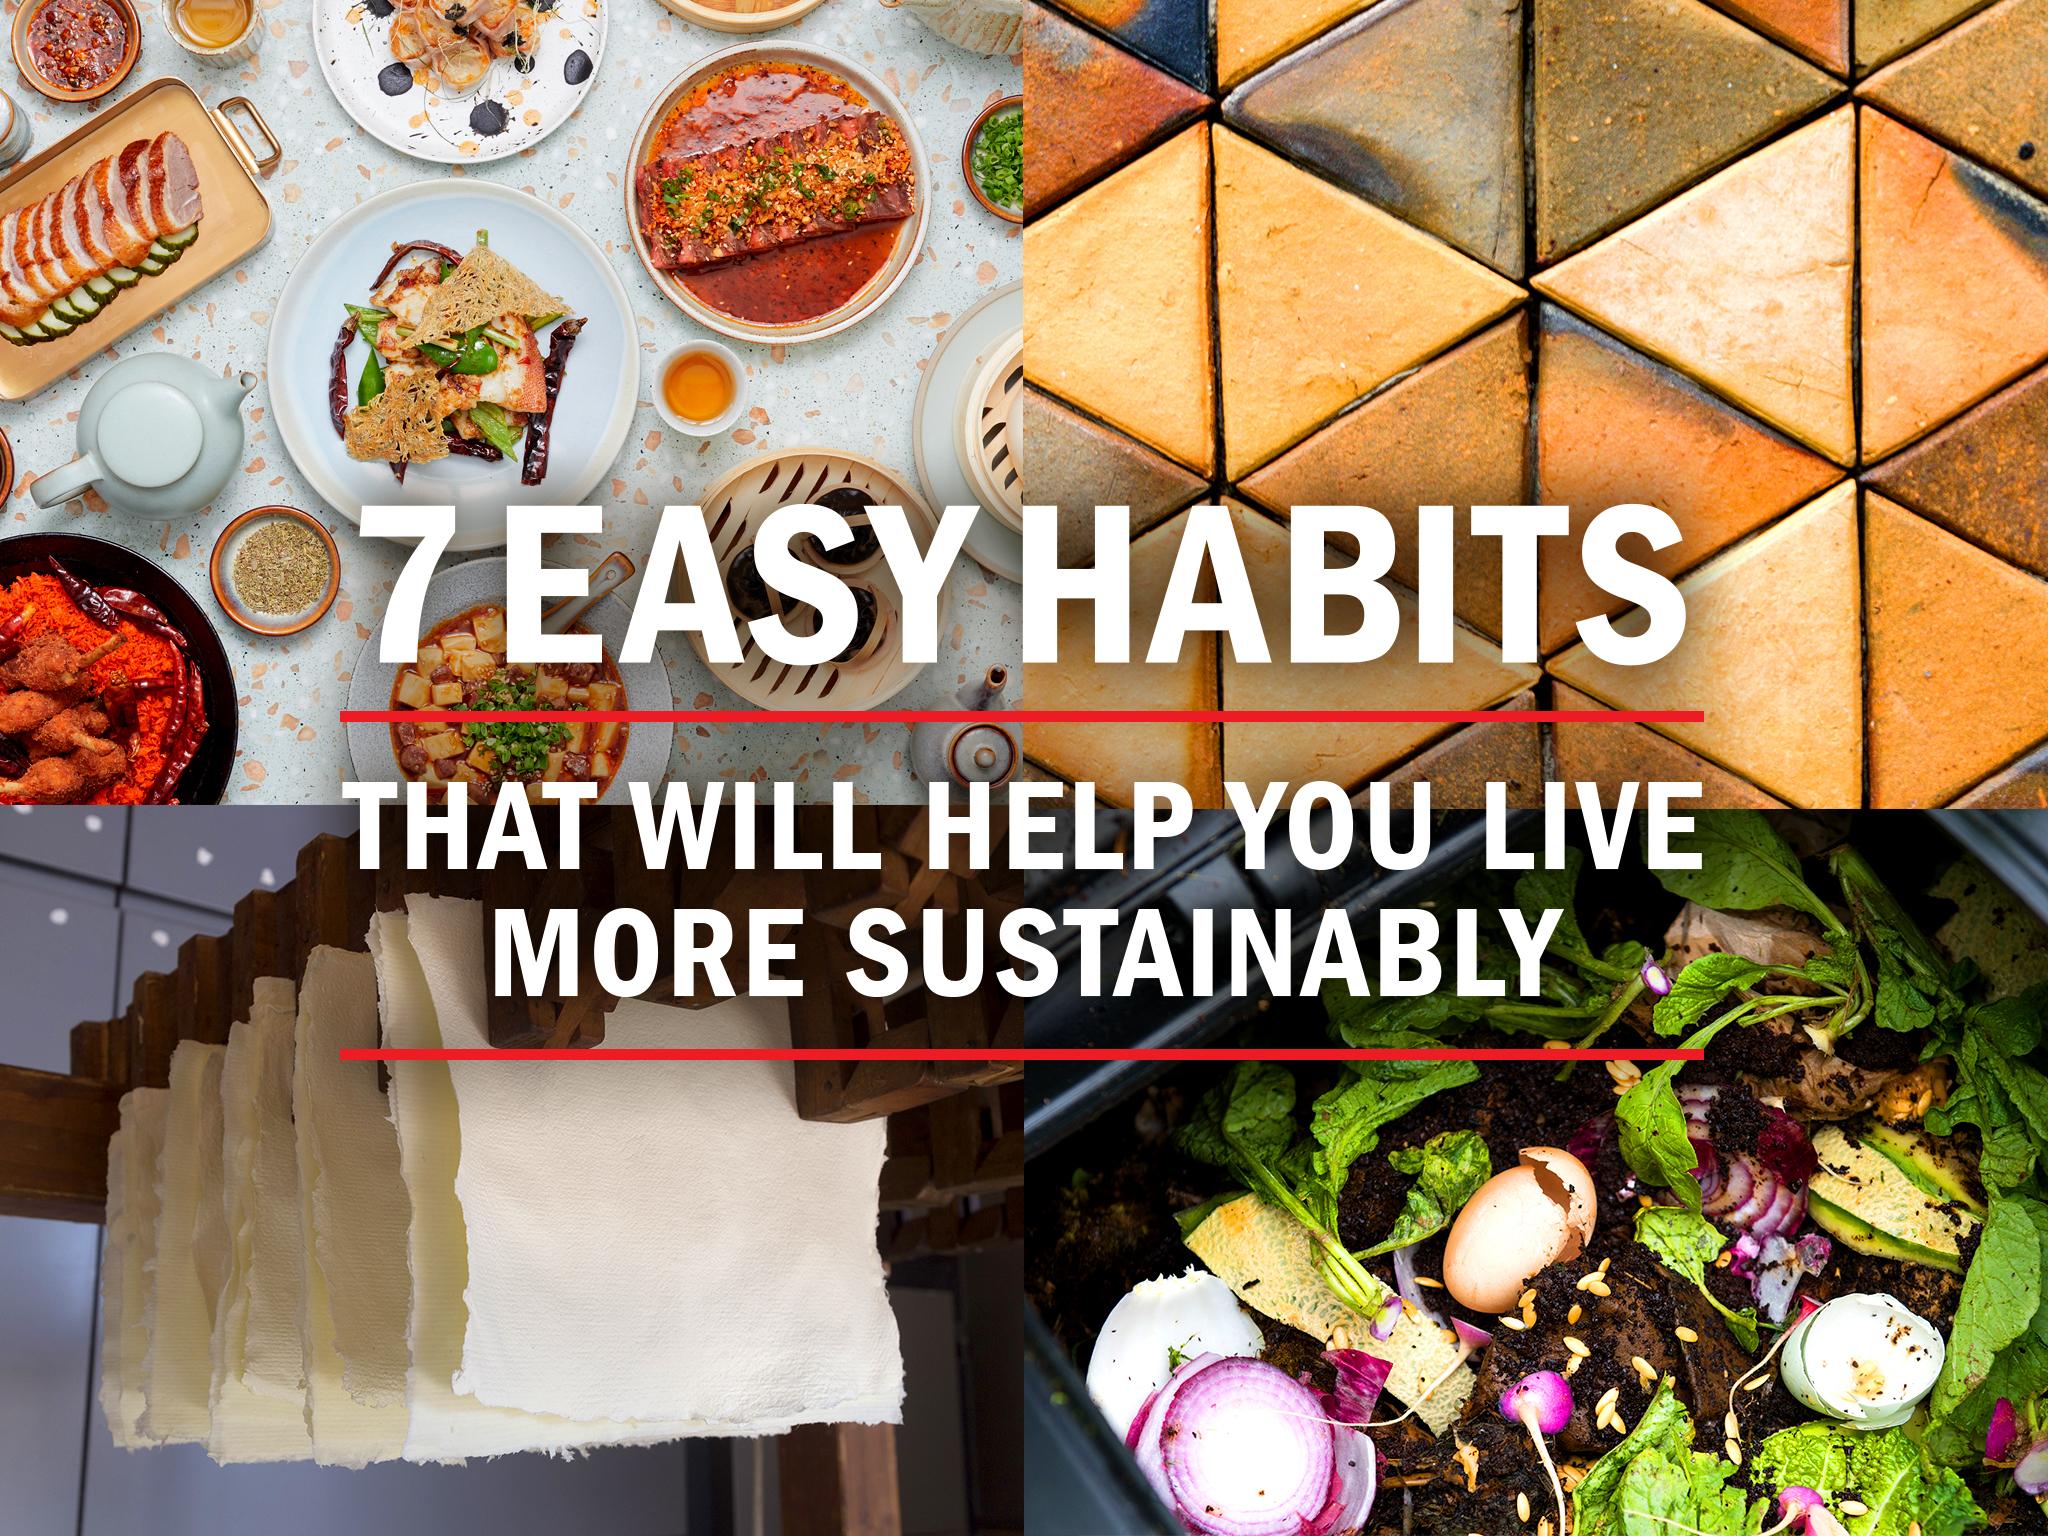 John Anthony - sustainable living